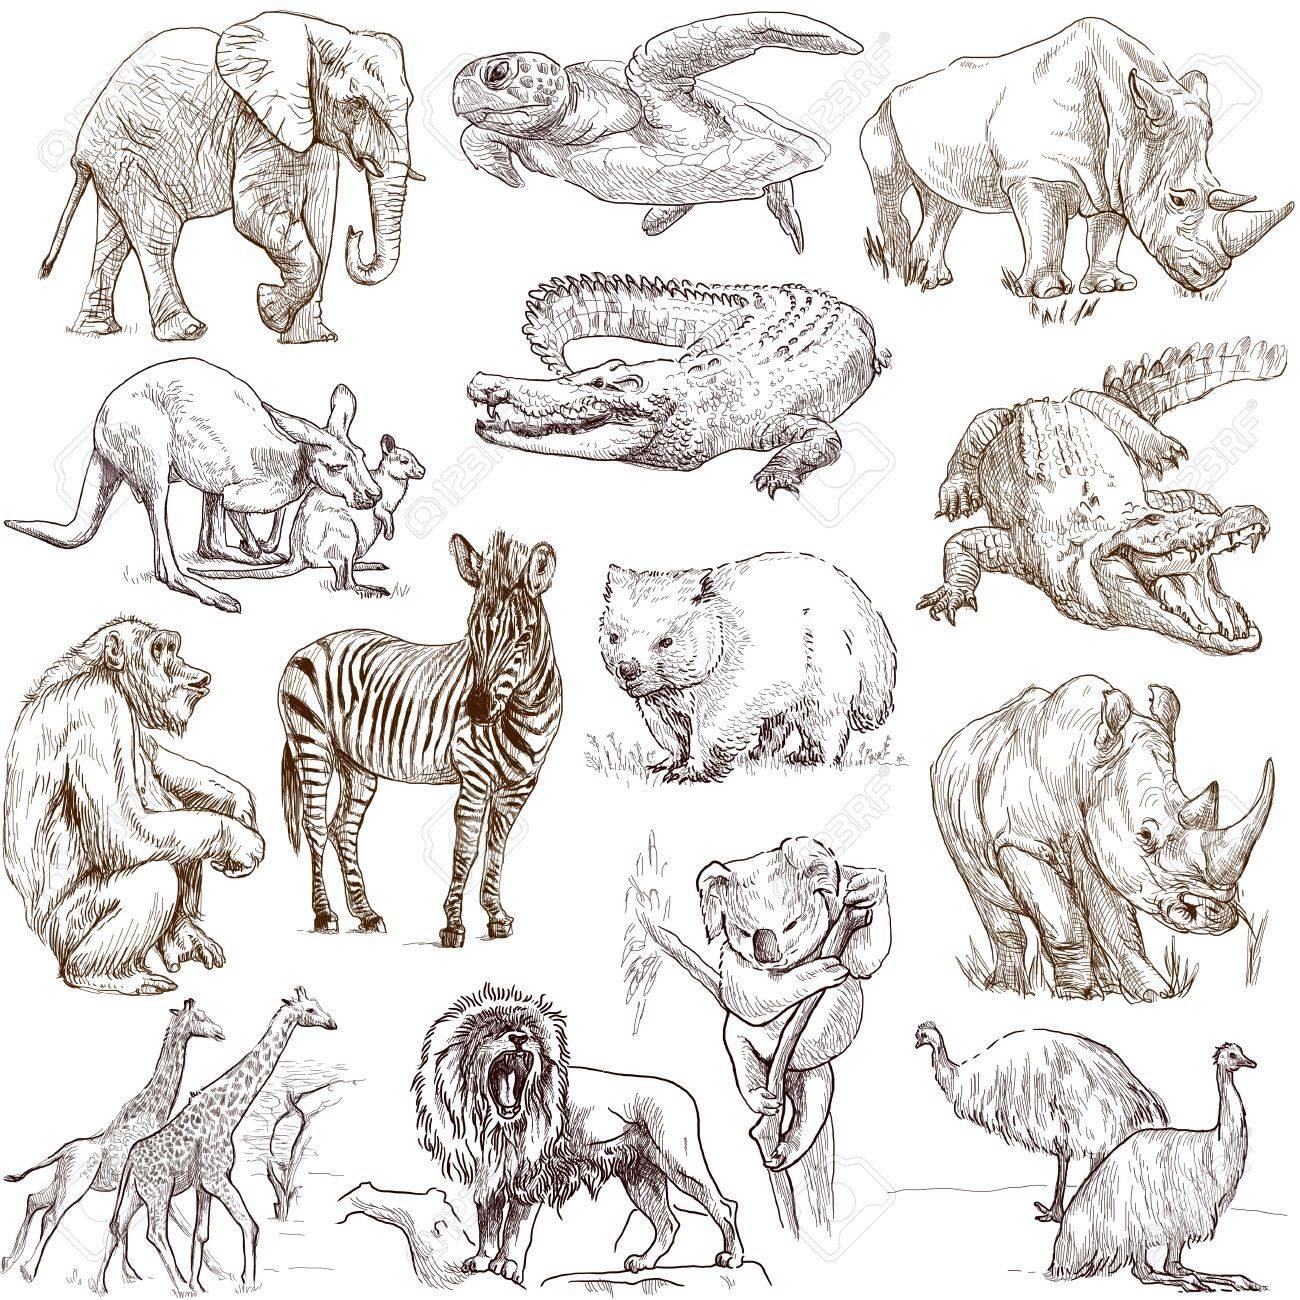 コレクションの世界の周りに動物は 1、白 - 手描きイラスト集